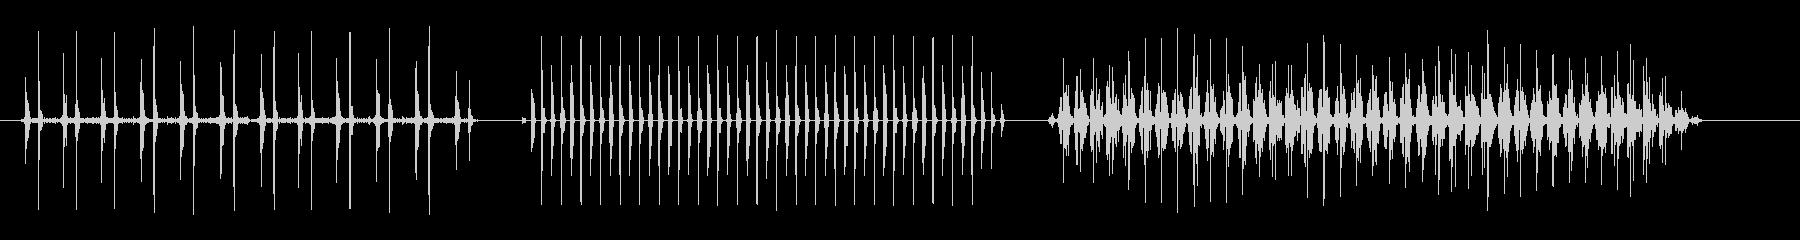 ハートビート-3バージョンの未再生の波形